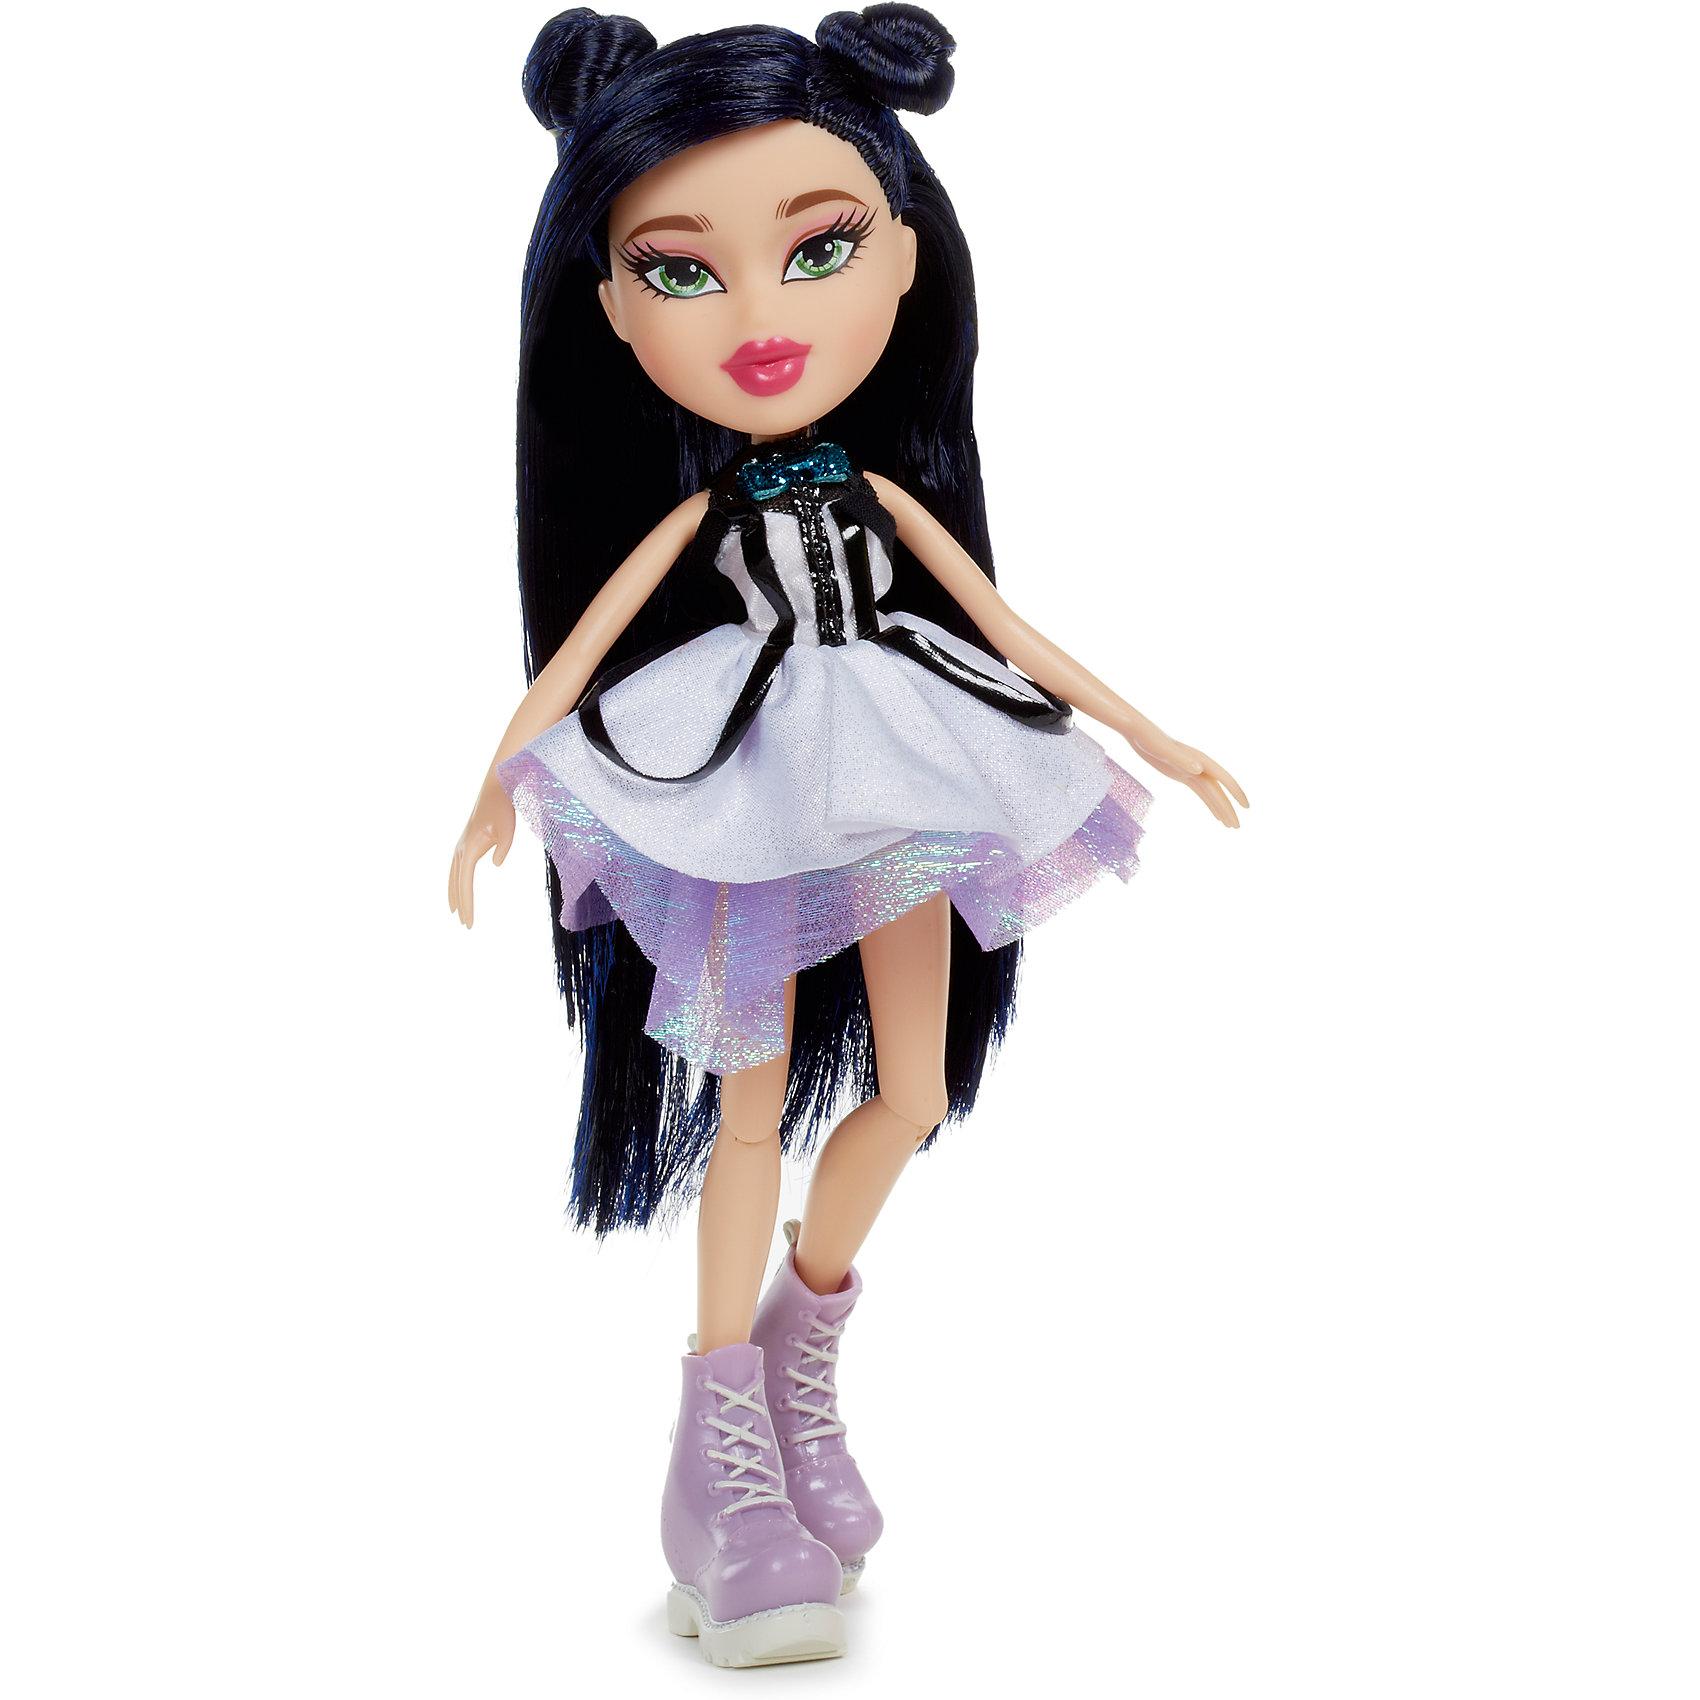 Базовая кукла Джейд, Вечеринка, BratzКуклы-модели<br>Характеристики товара:<br><br>• высота : 29 см<br>• размер упаковки: 25х6х30 см<br>• материал: пластик, текстиль<br>• комплект: кукла, джинсы, куртка, серьги, сумочка, бусы, кошелек<br>• возраст: от пяти лет<br>• подвижные руки, ноги сгибаются в коленях<br>• страна бренда: США<br>• страна производства: Китай<br><br>Кукла Bratz - желанный подарок для современной девочки, они просто обожают эти игрушки. Кукла очень качественно выполнена, благодаря подвижным деталям с ней можно придумать множество игр! В наборе к ней идут стильные аксессуары - благодаря им девочка будет учиться хорошо одеваться.<br>Игра с куклами помогает девочкам развивать важные социальные навыки и способности, она активизирует мышление, формирует умение заботиться о других, логику, мелкую моторику и воображение, помогает проработать сценарии взаимодействия с людьми. Изделие производится из качественных сертифицированных материалов, безопасных даже для самых маленьких.<br><br>Базовую куклу Джейд, Вечеринка, от бренда Bratz можно купить в нашем интернет-магазине.<br><br>Ширина мм: 260<br>Глубина мм: 310<br>Высота мм: 70<br>Вес г: 493<br>Возраст от месяцев: 36<br>Возраст до месяцев: 2147483647<br>Пол: Женский<br>Возраст: Детский<br>SKU: 5224459